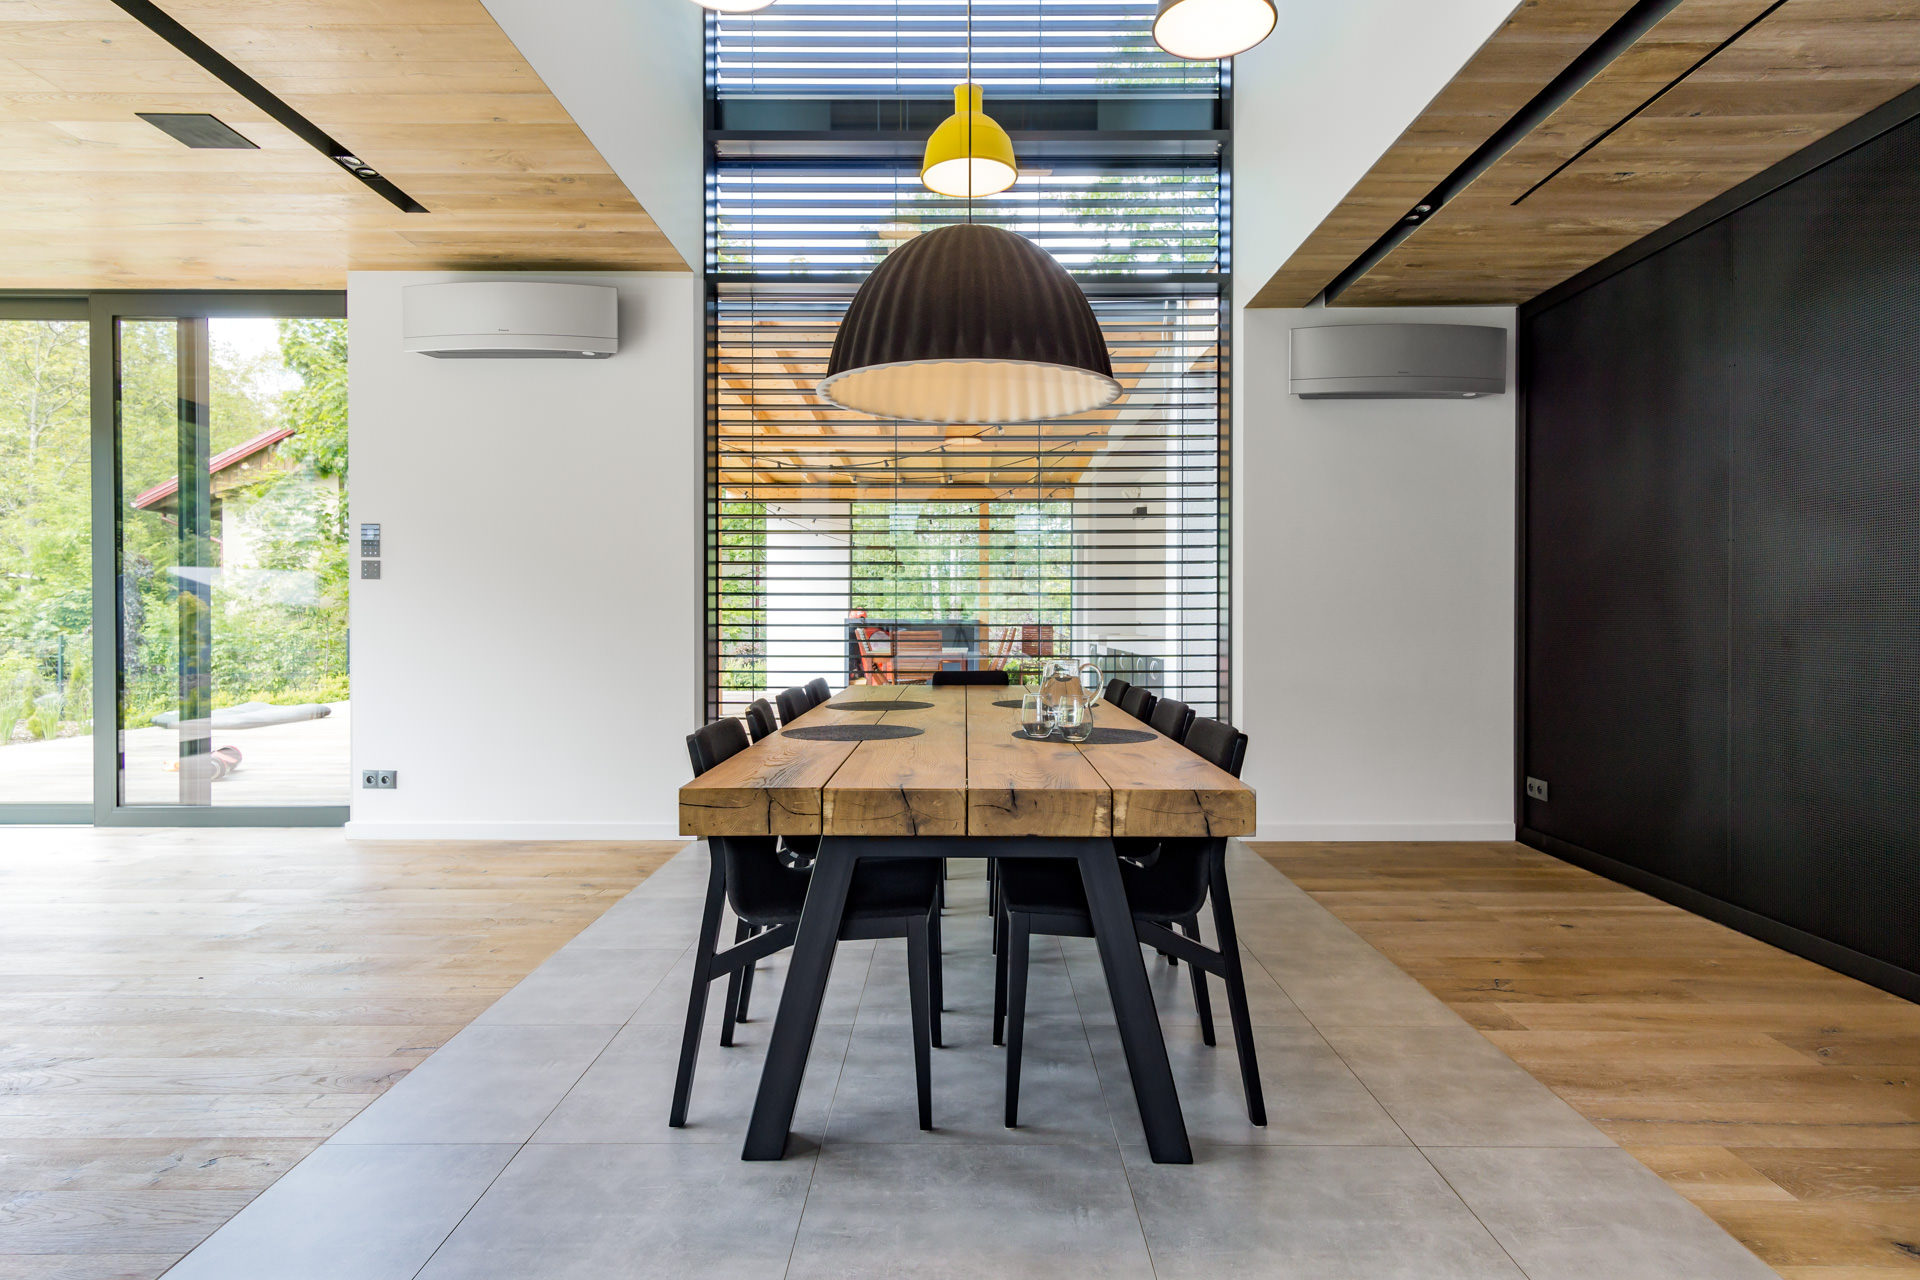 Zdjęcia wnętrz nowoczesnego luksusowego domu